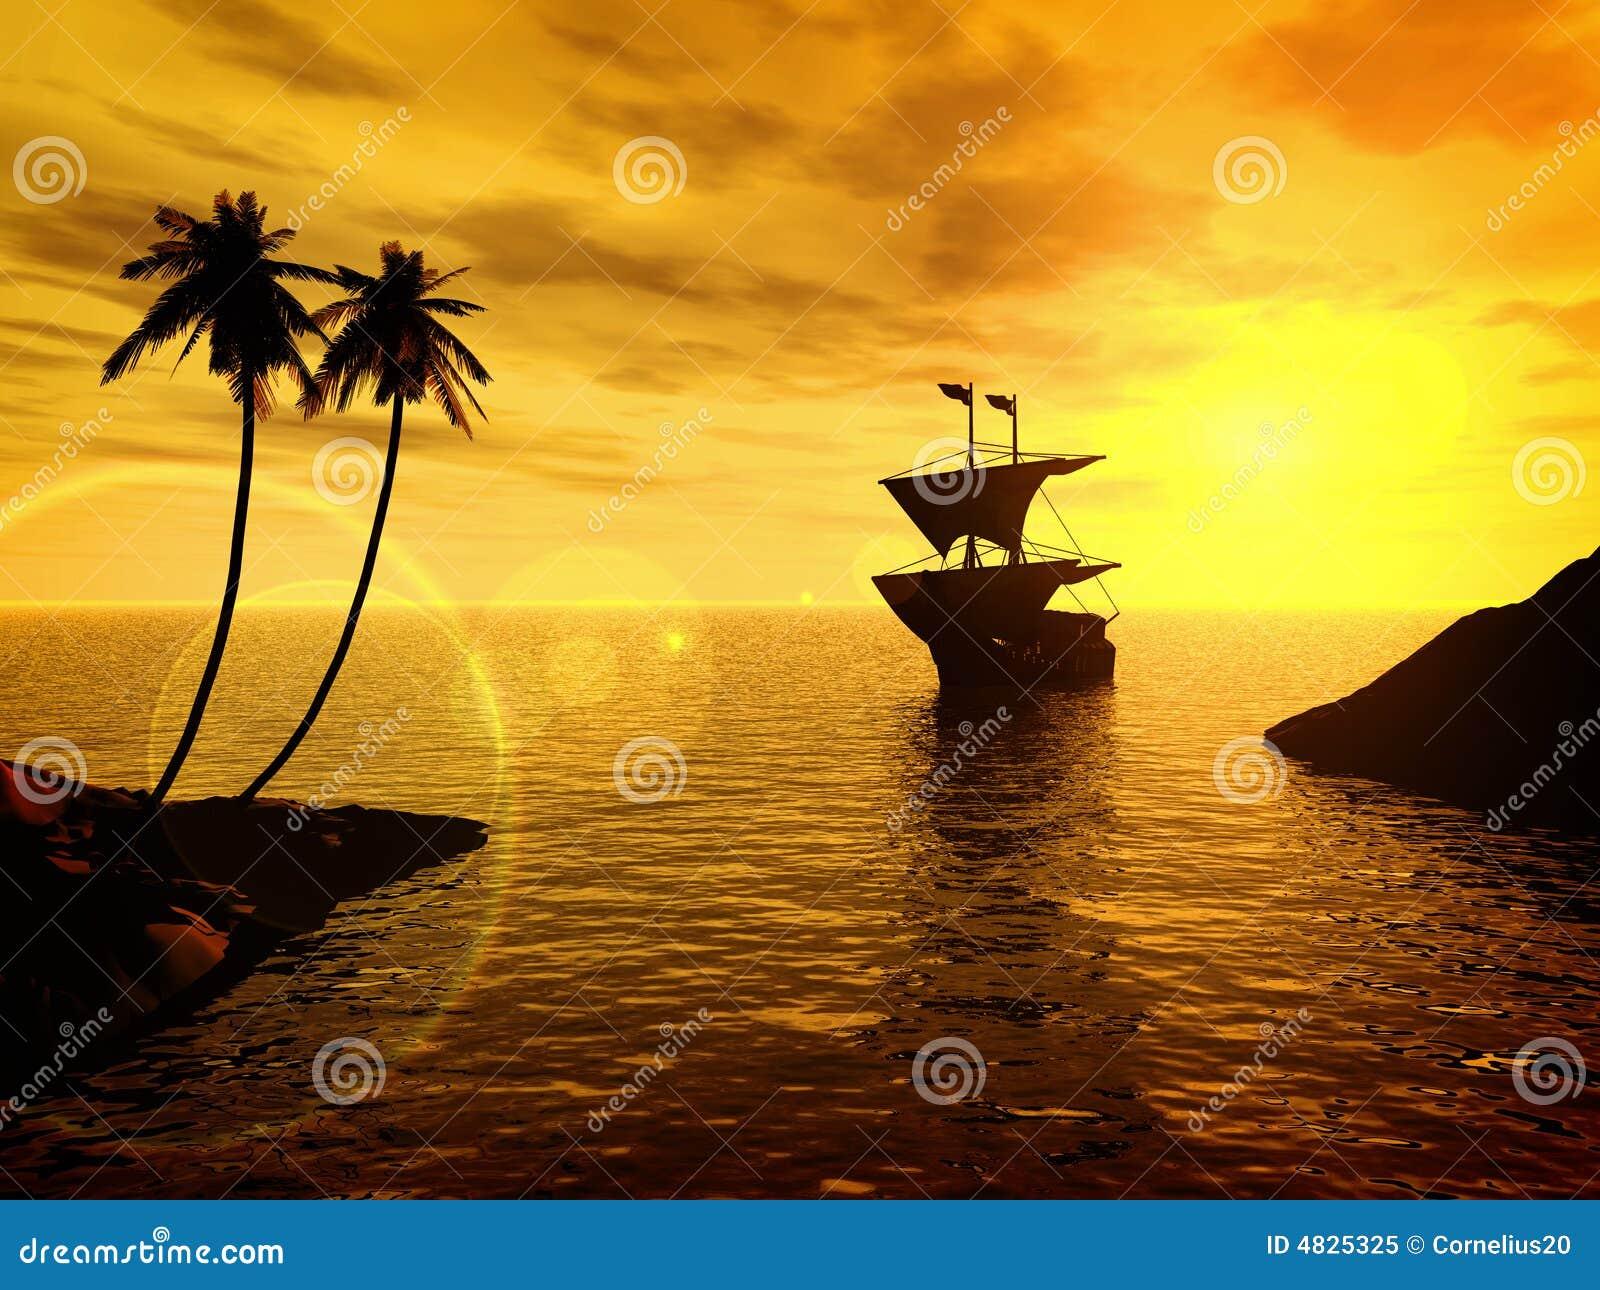 Tropischer Sonnenuntergang mit einer Lieferung